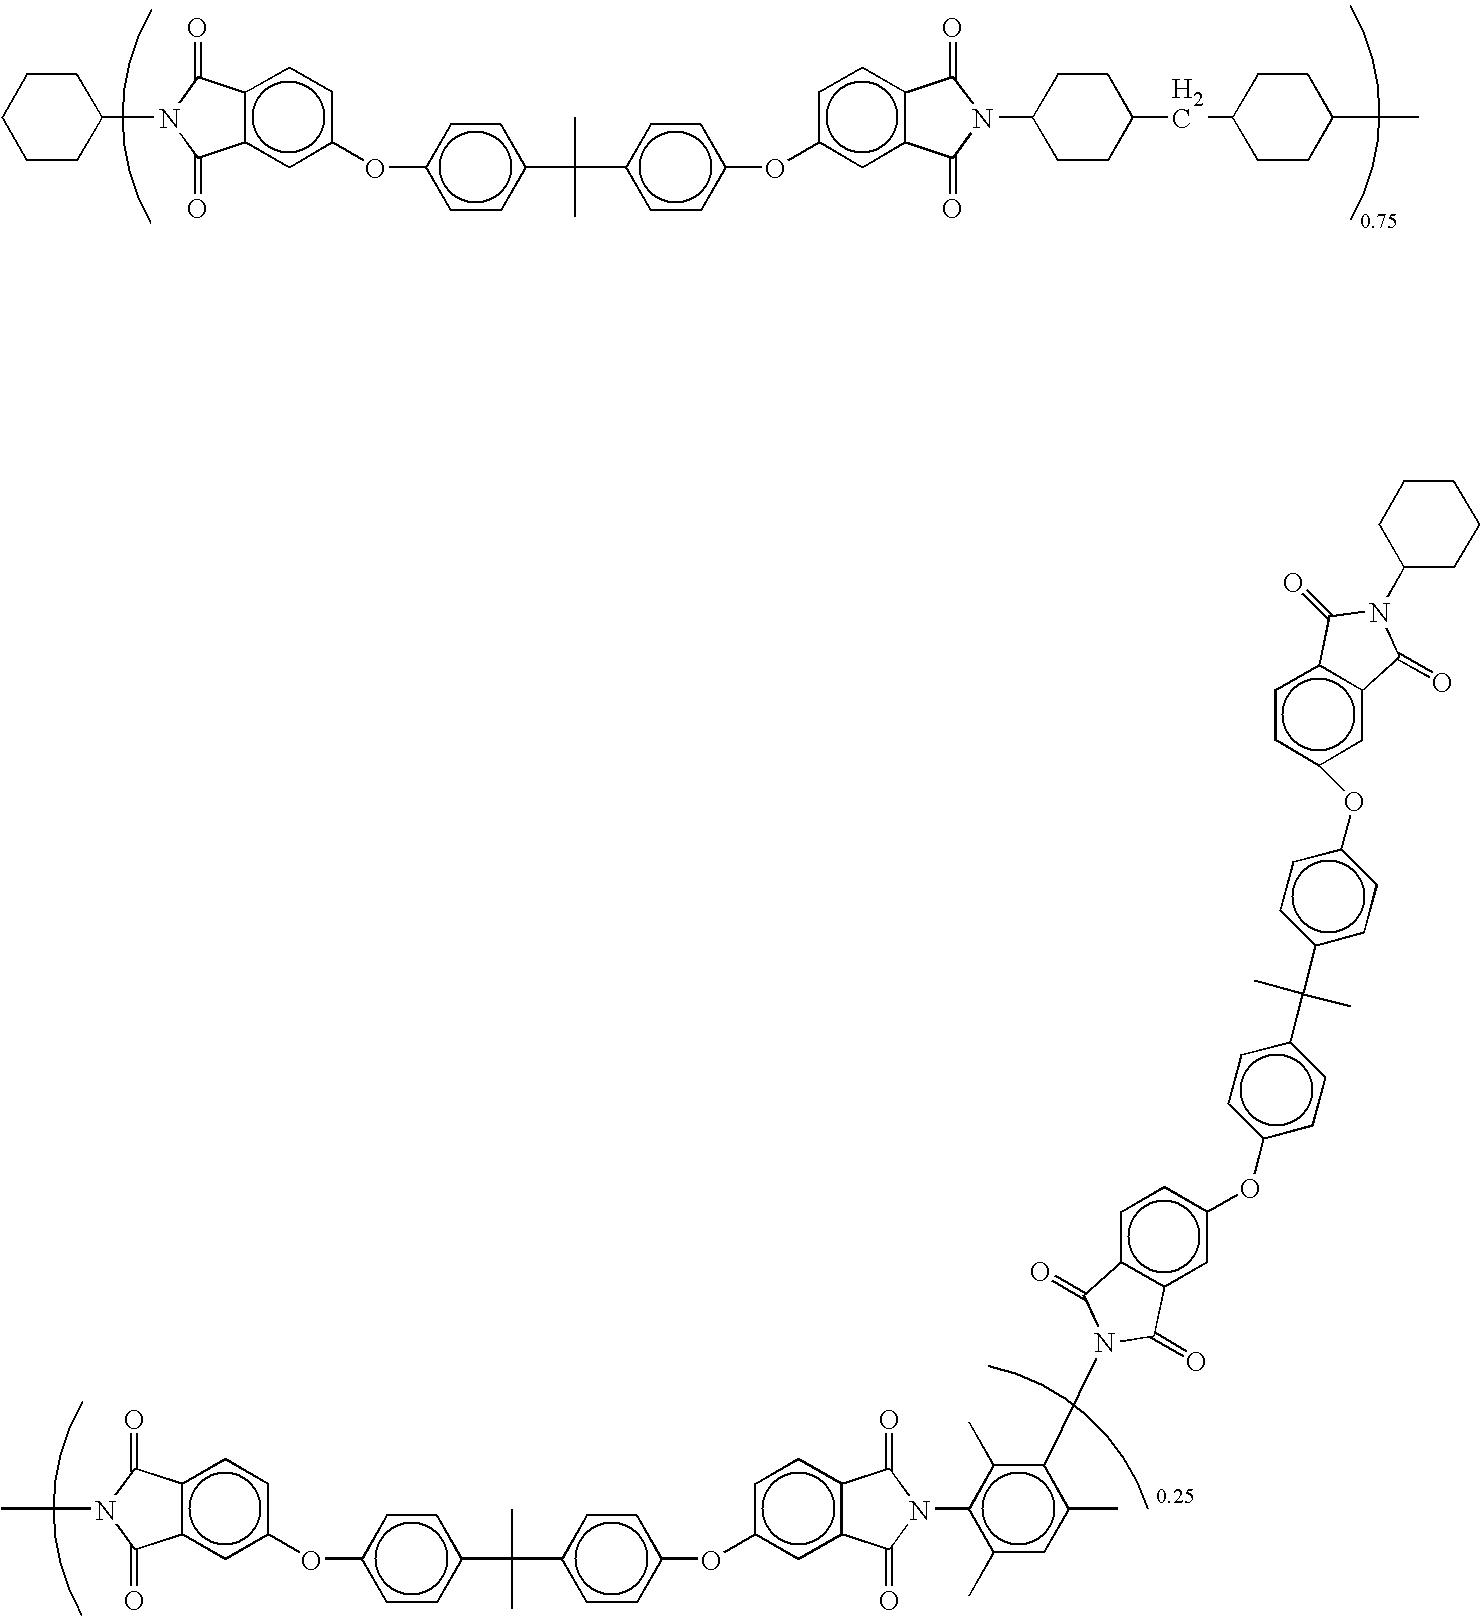 Figure US07935780-20110503-C00029